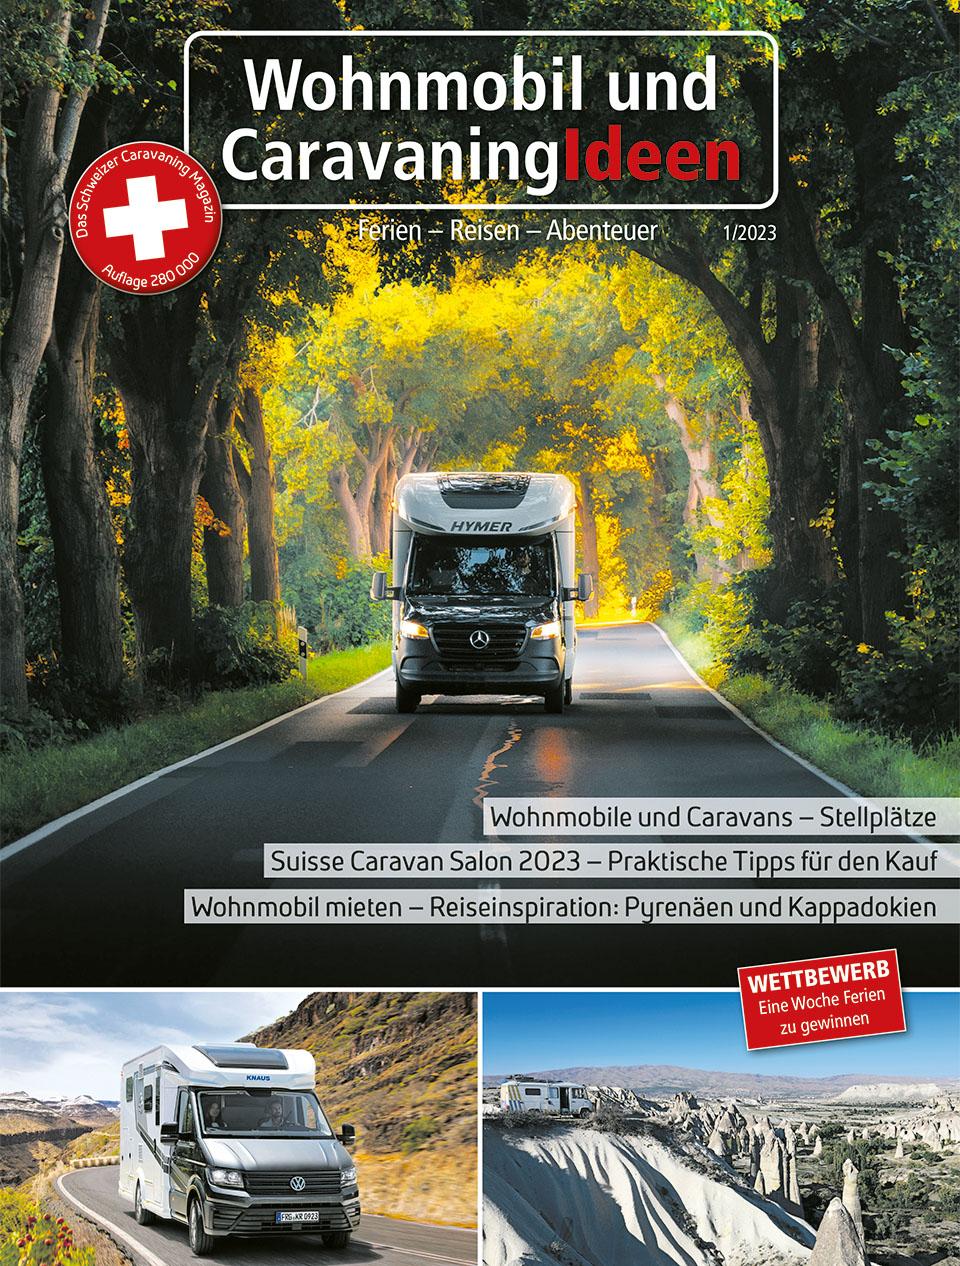 Wohnmobil- und Caravaning-Ideen